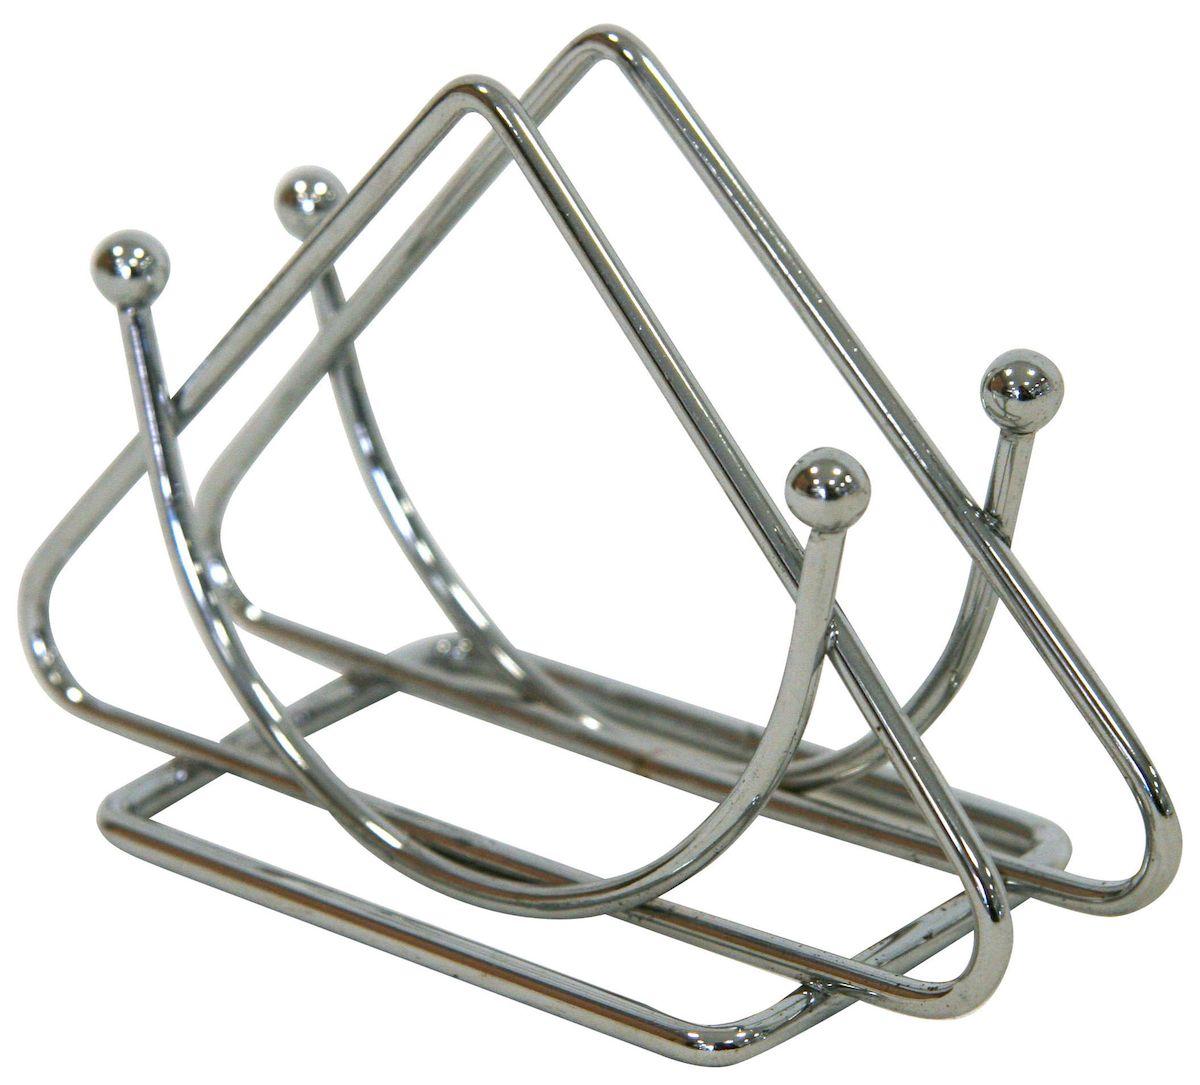 Салфетница настольная Top Star, 13 х 9 см. 702895115510Салфетница настольная Top Star из хромированной стали. Размер 13 х 9 см.